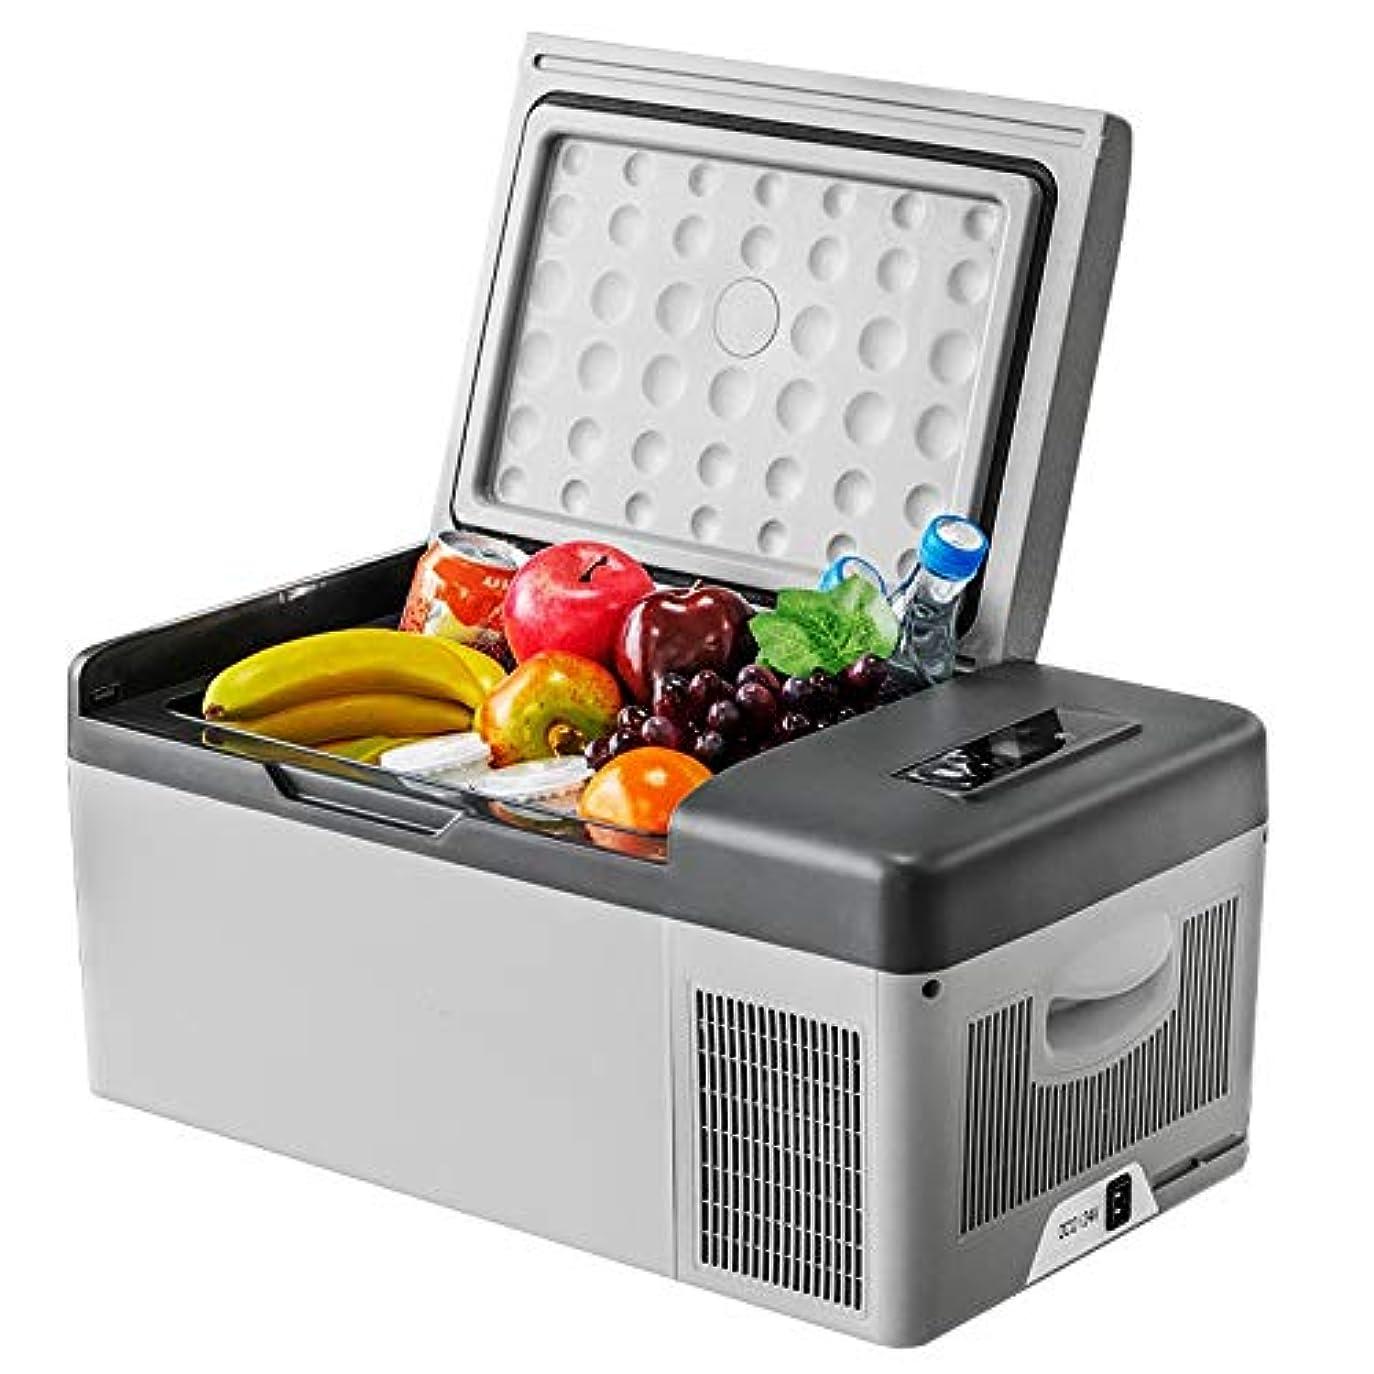 代表して独占検出器車載冷蔵庫 小型冷温庫 15Lキャンプオフィストラベルミニ冷蔵庫電気ドリンククーラー屋内屋外の旅行12V / 220V ミニ冷蔵庫 (色 : 白, Size : 57X32X26CM)